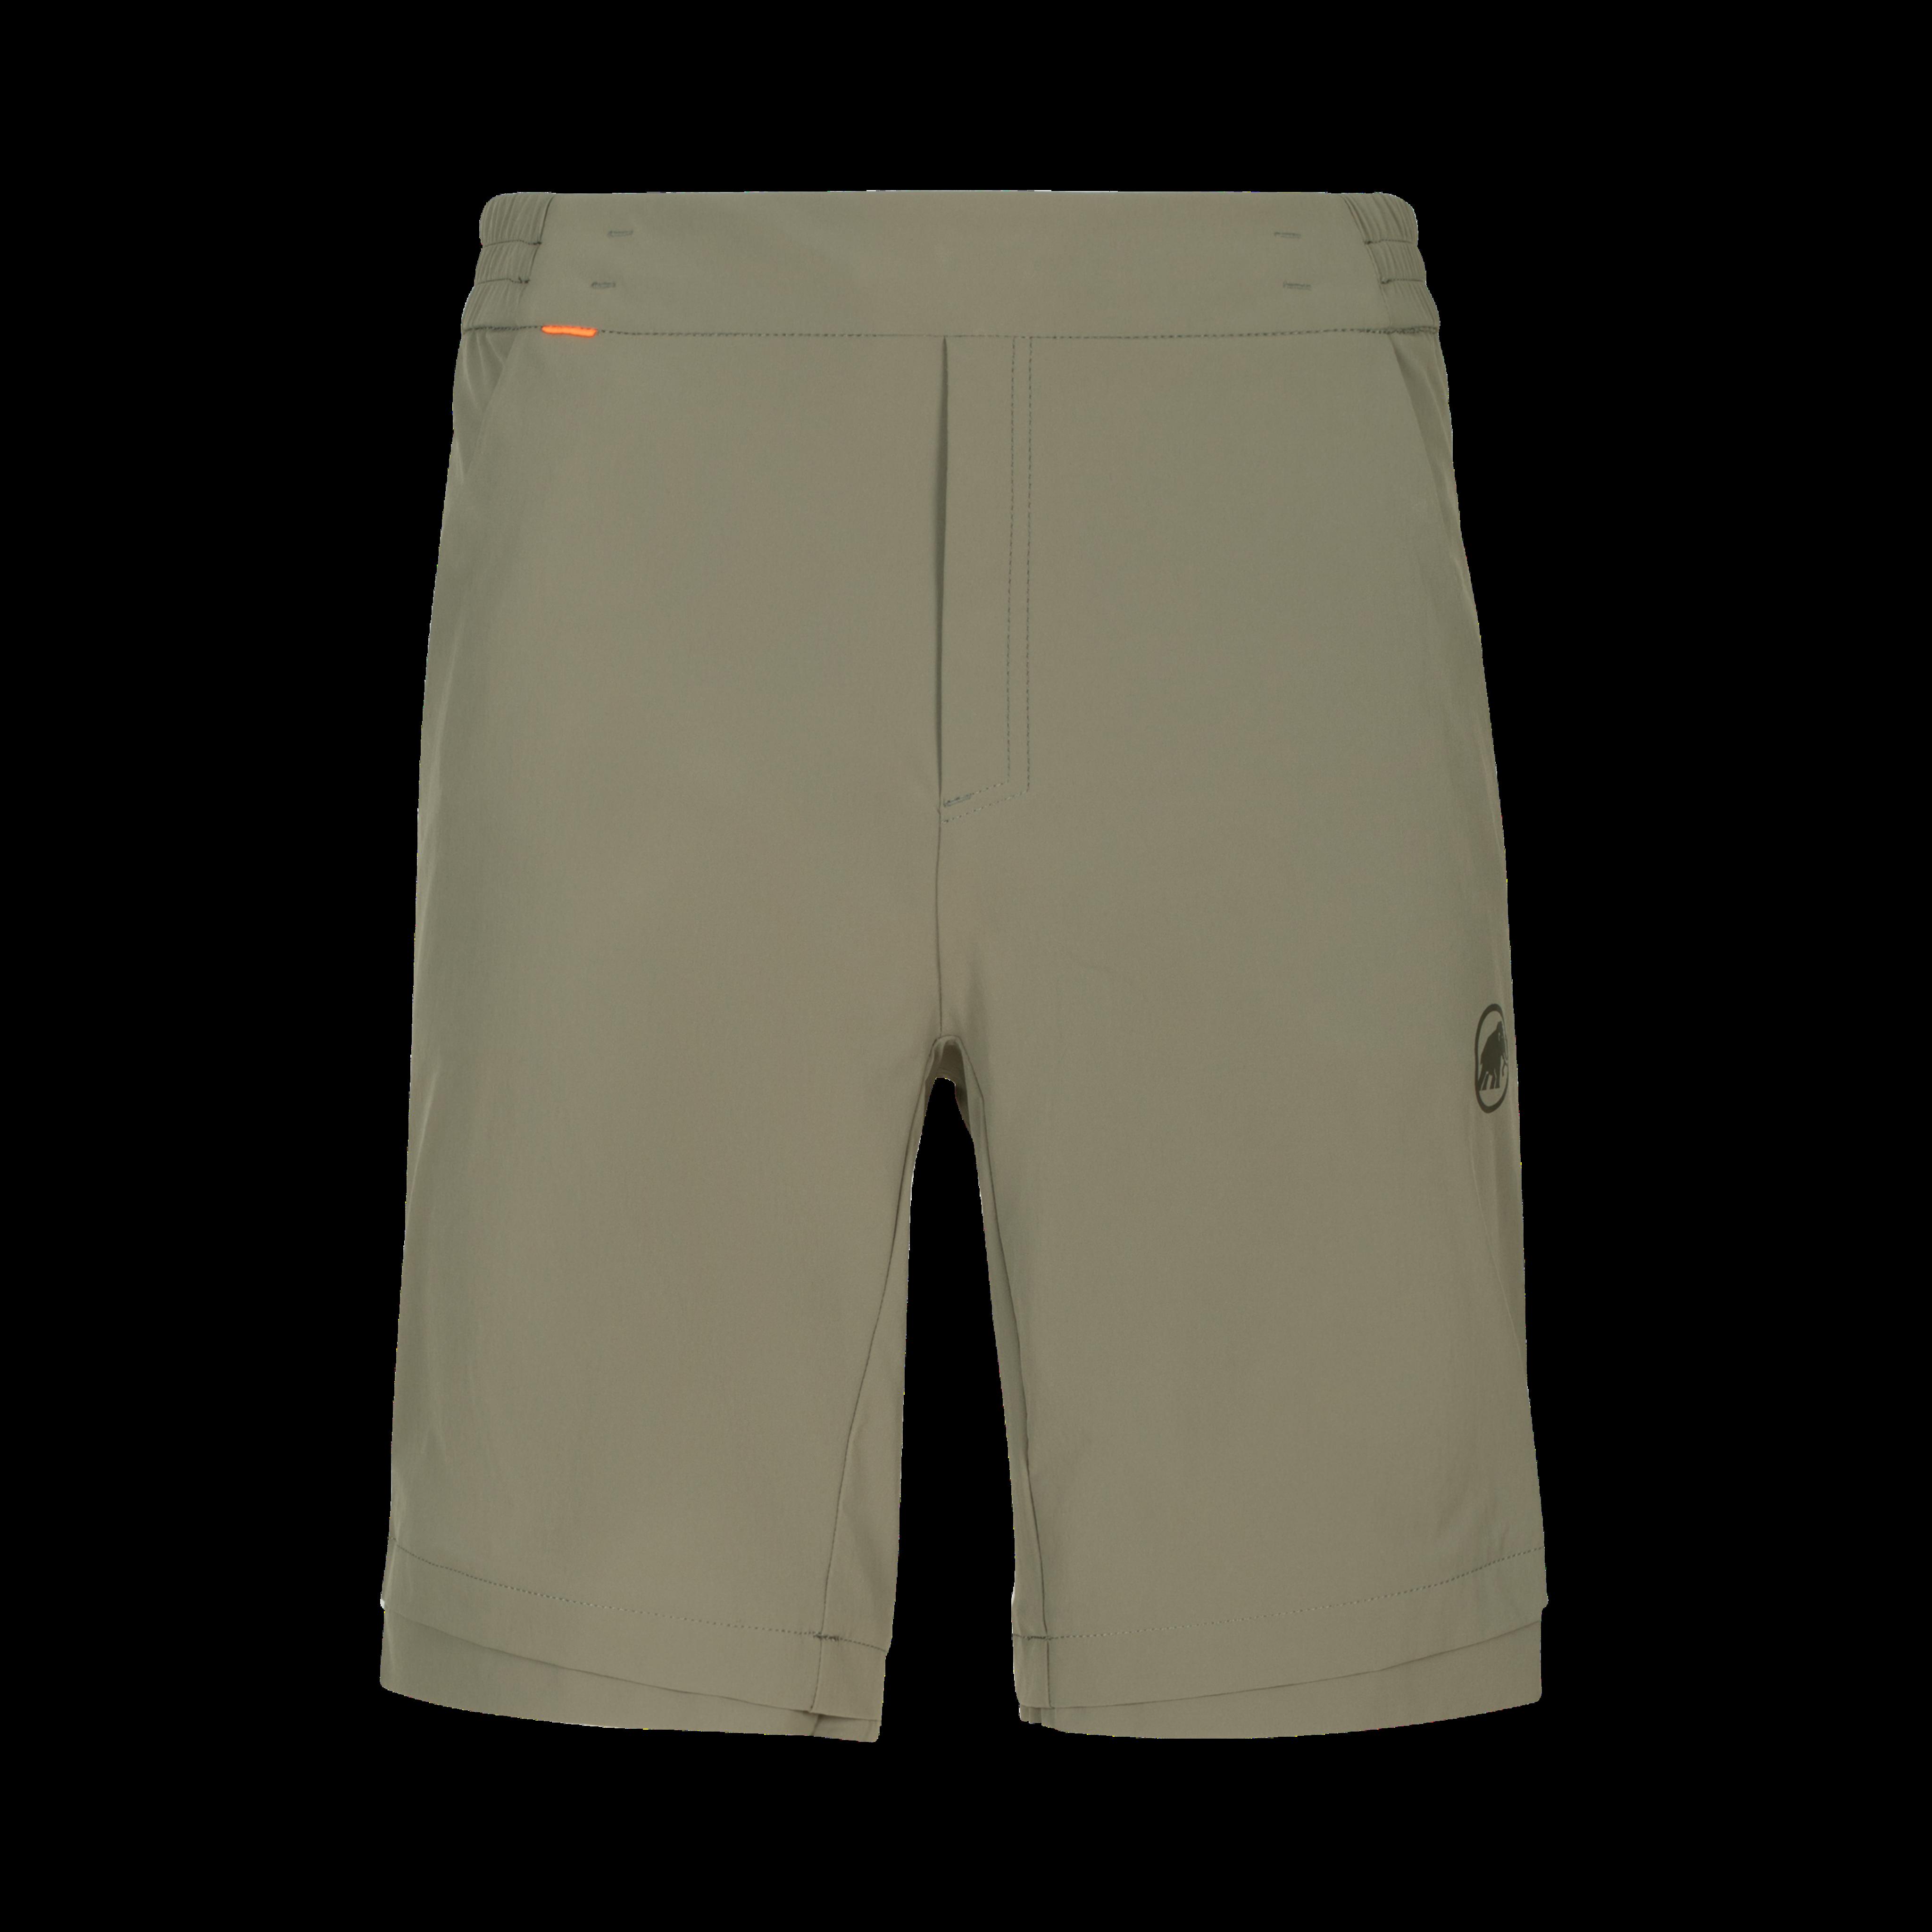 Crashiano Shorts Men image